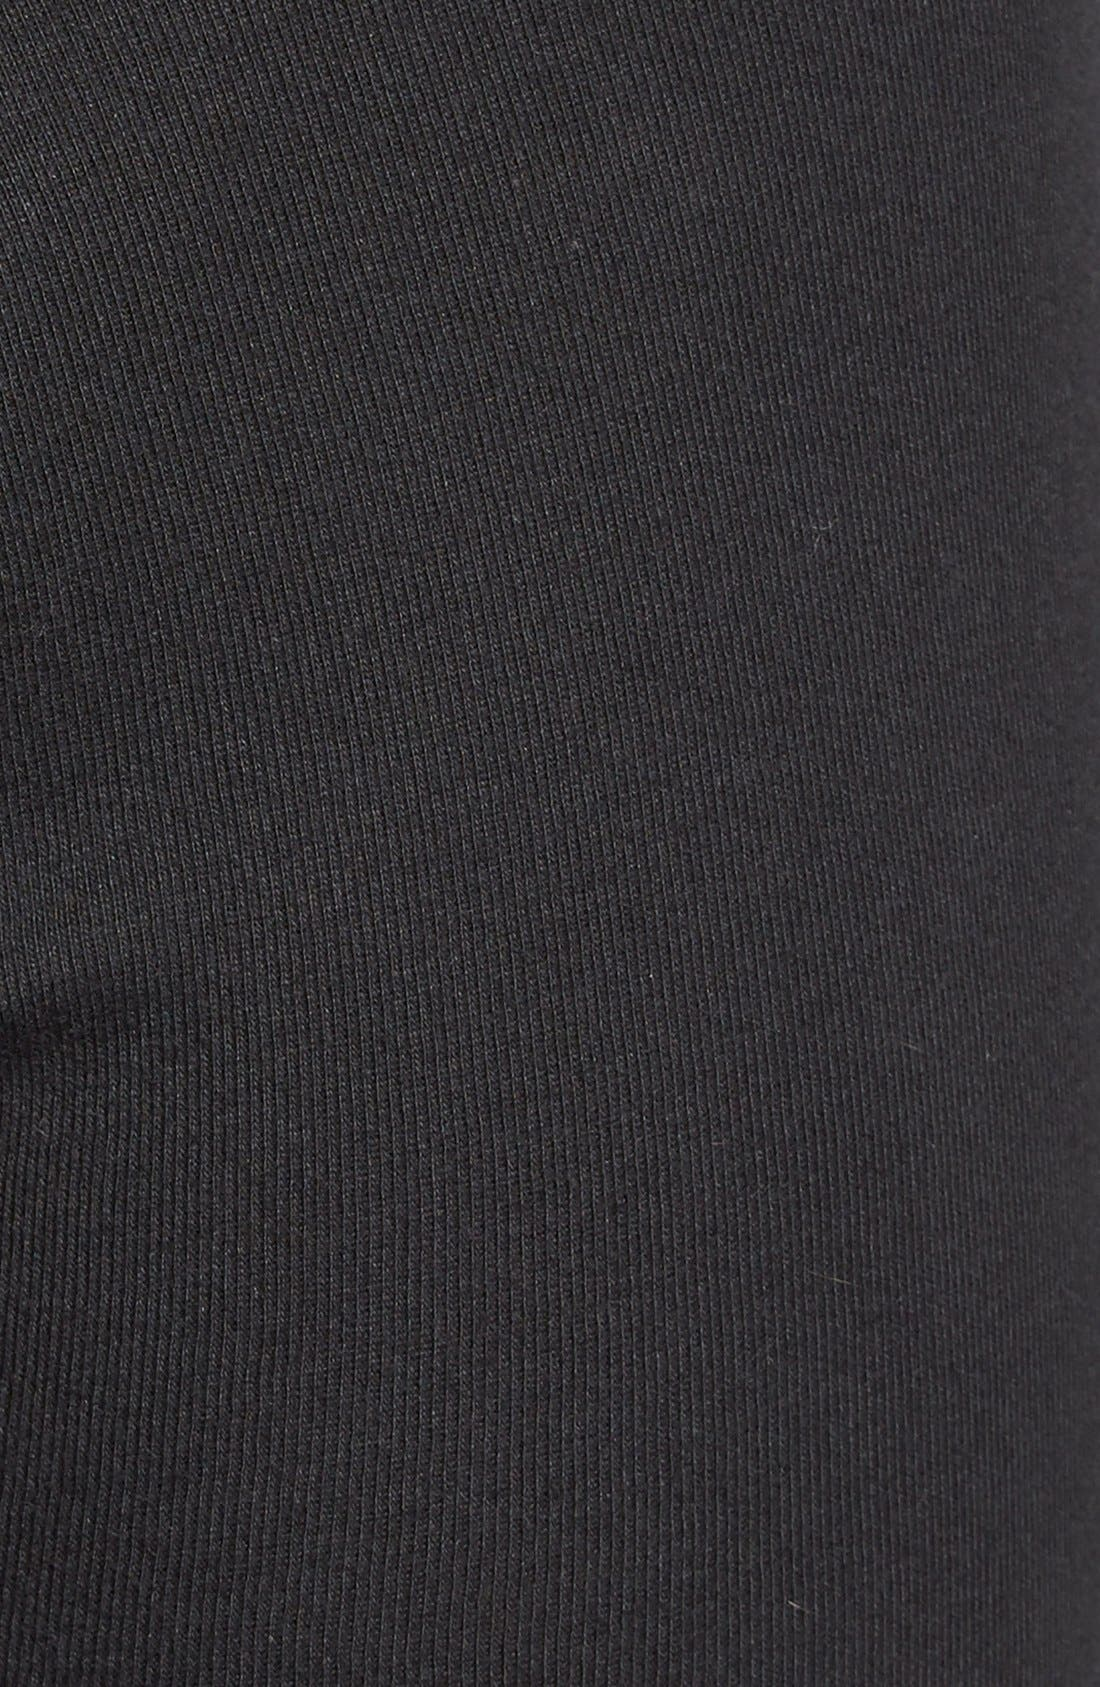 Alternate Image 3  - Calvin Klein 2-Pack Boxer Briefs